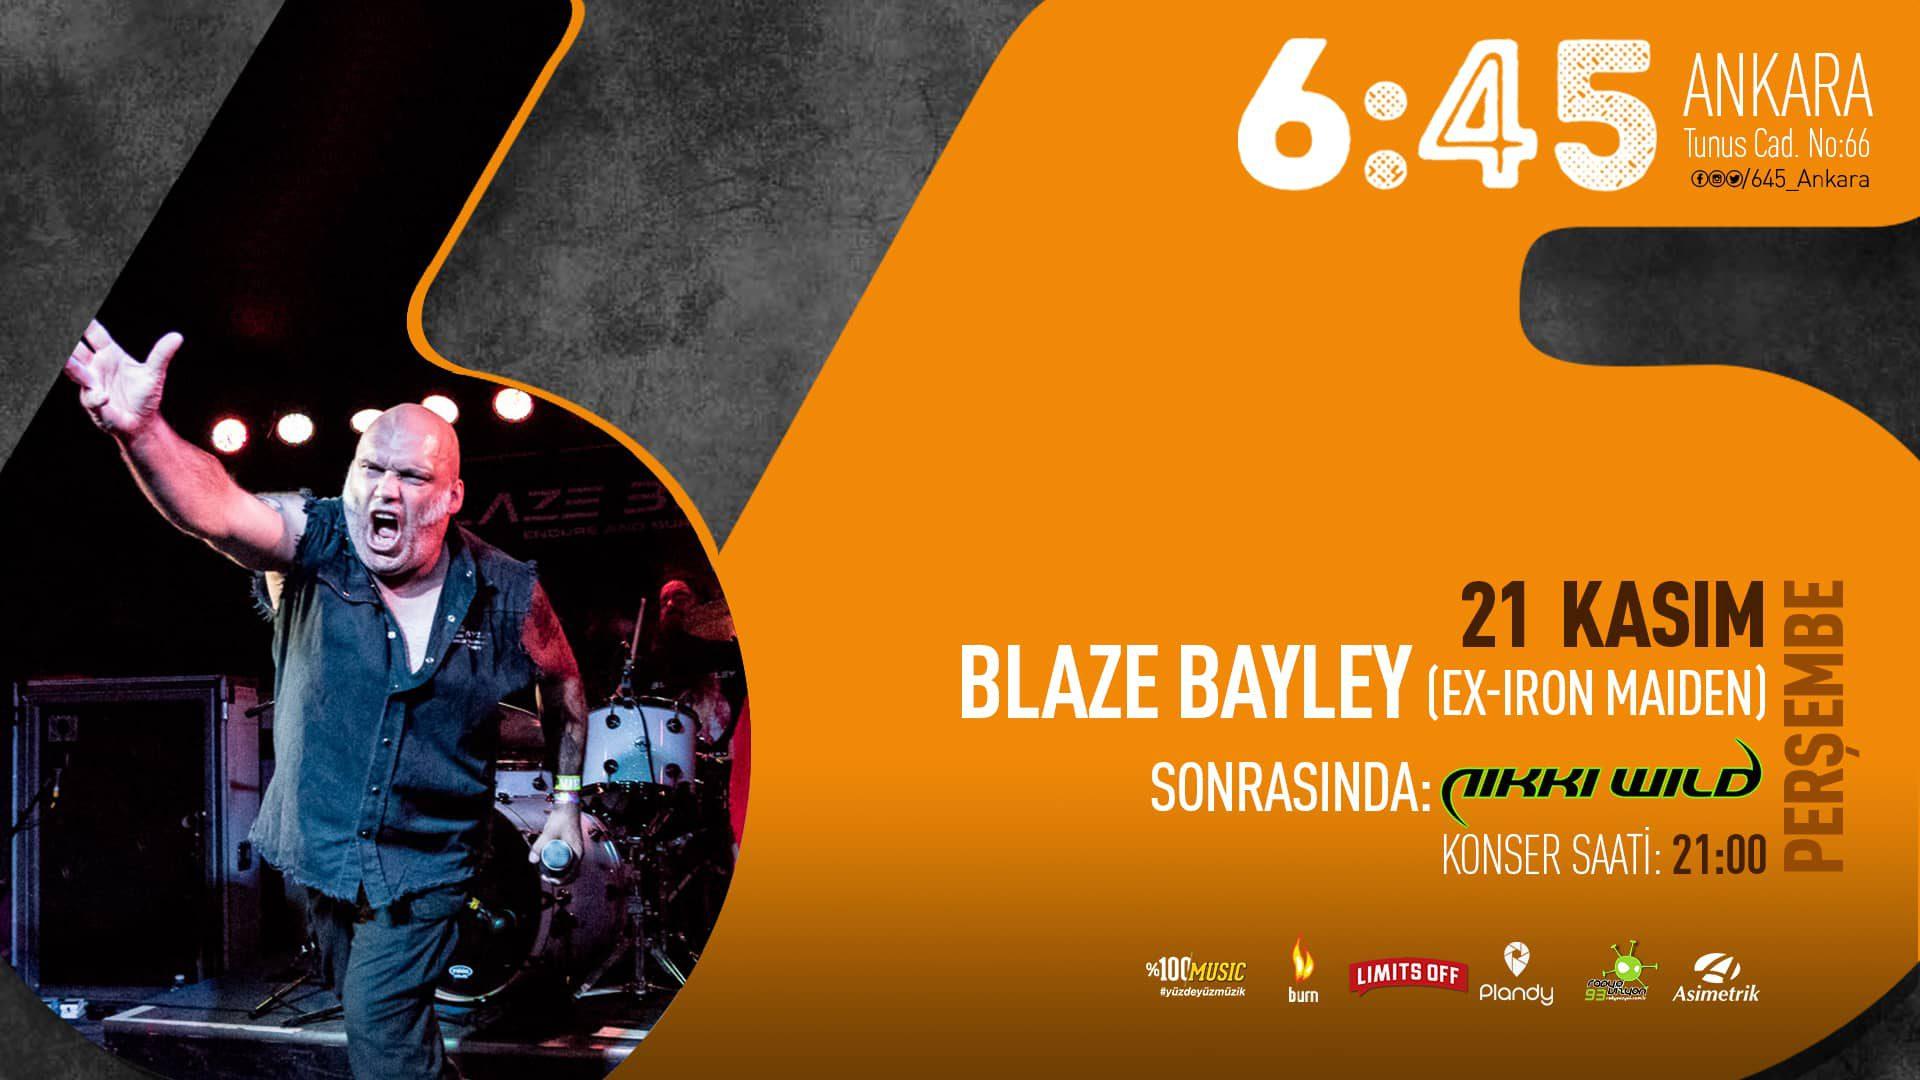 Blaze Bayley (Ex-Iron Maiden) | 6:45 Ankara